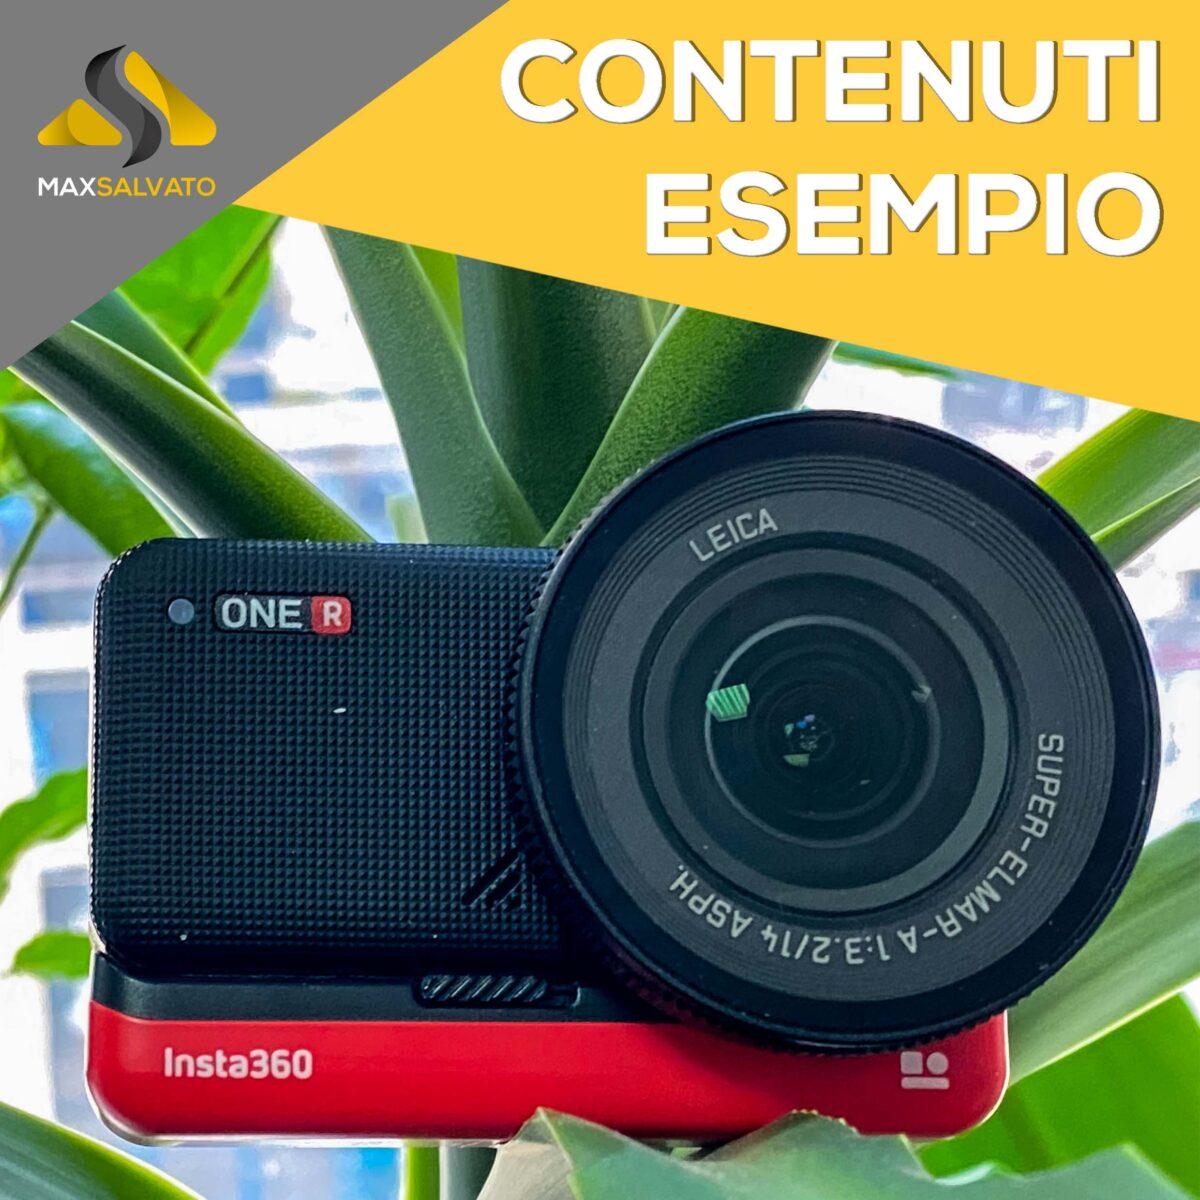 Insta360 One R – Contenuti Esempio